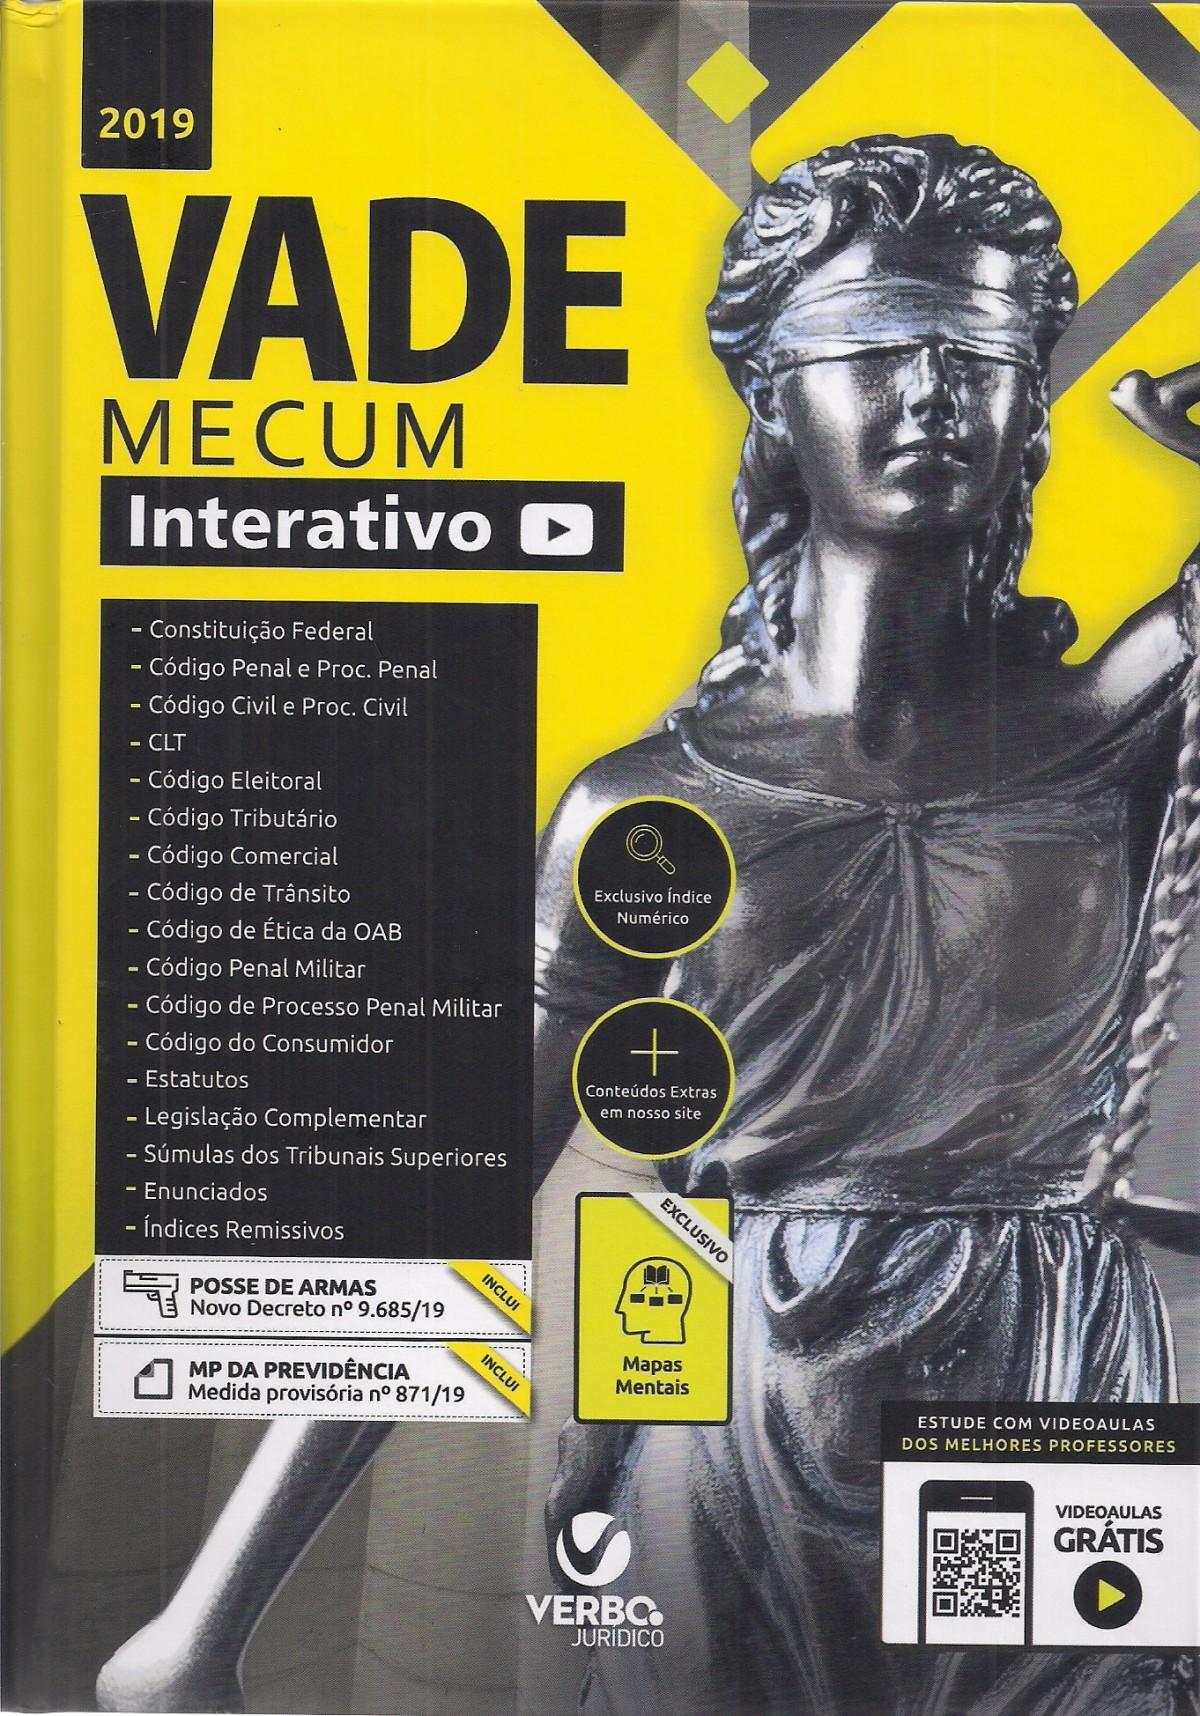 Foto 1 - Vade Mecum - Interativo